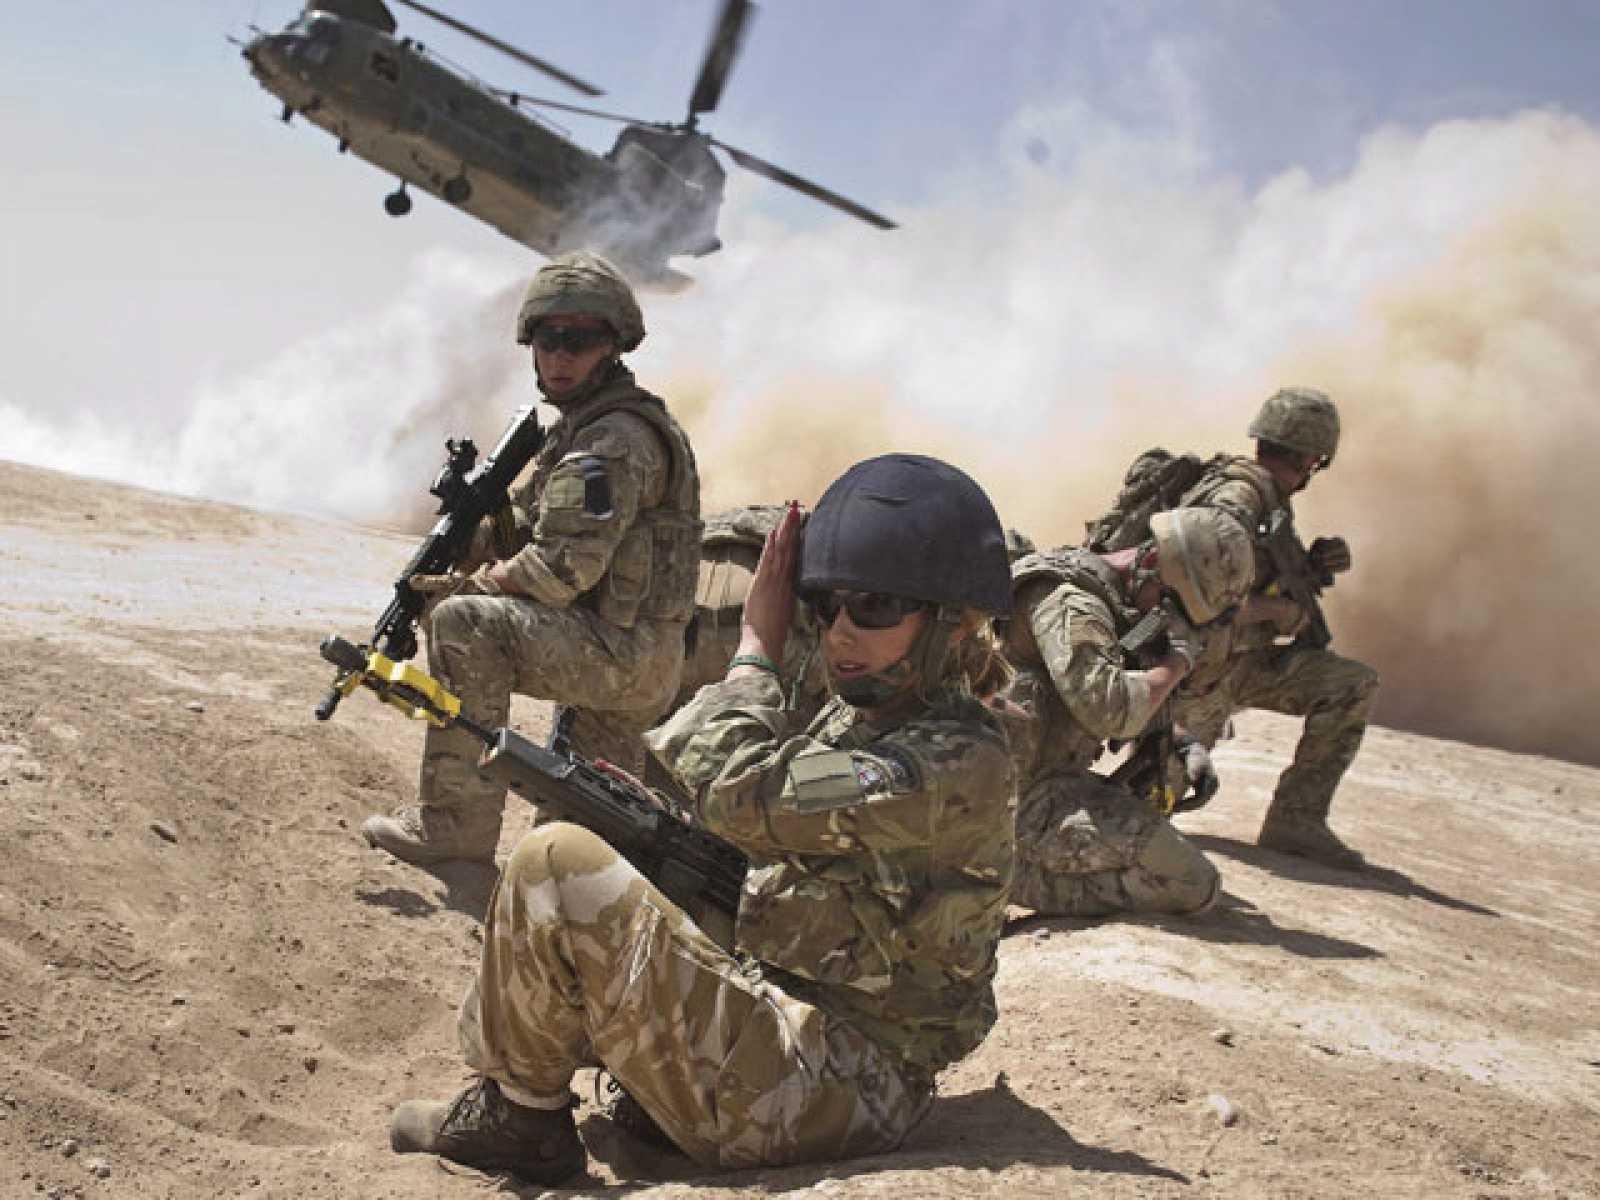 Guerra EEUU Afganistán